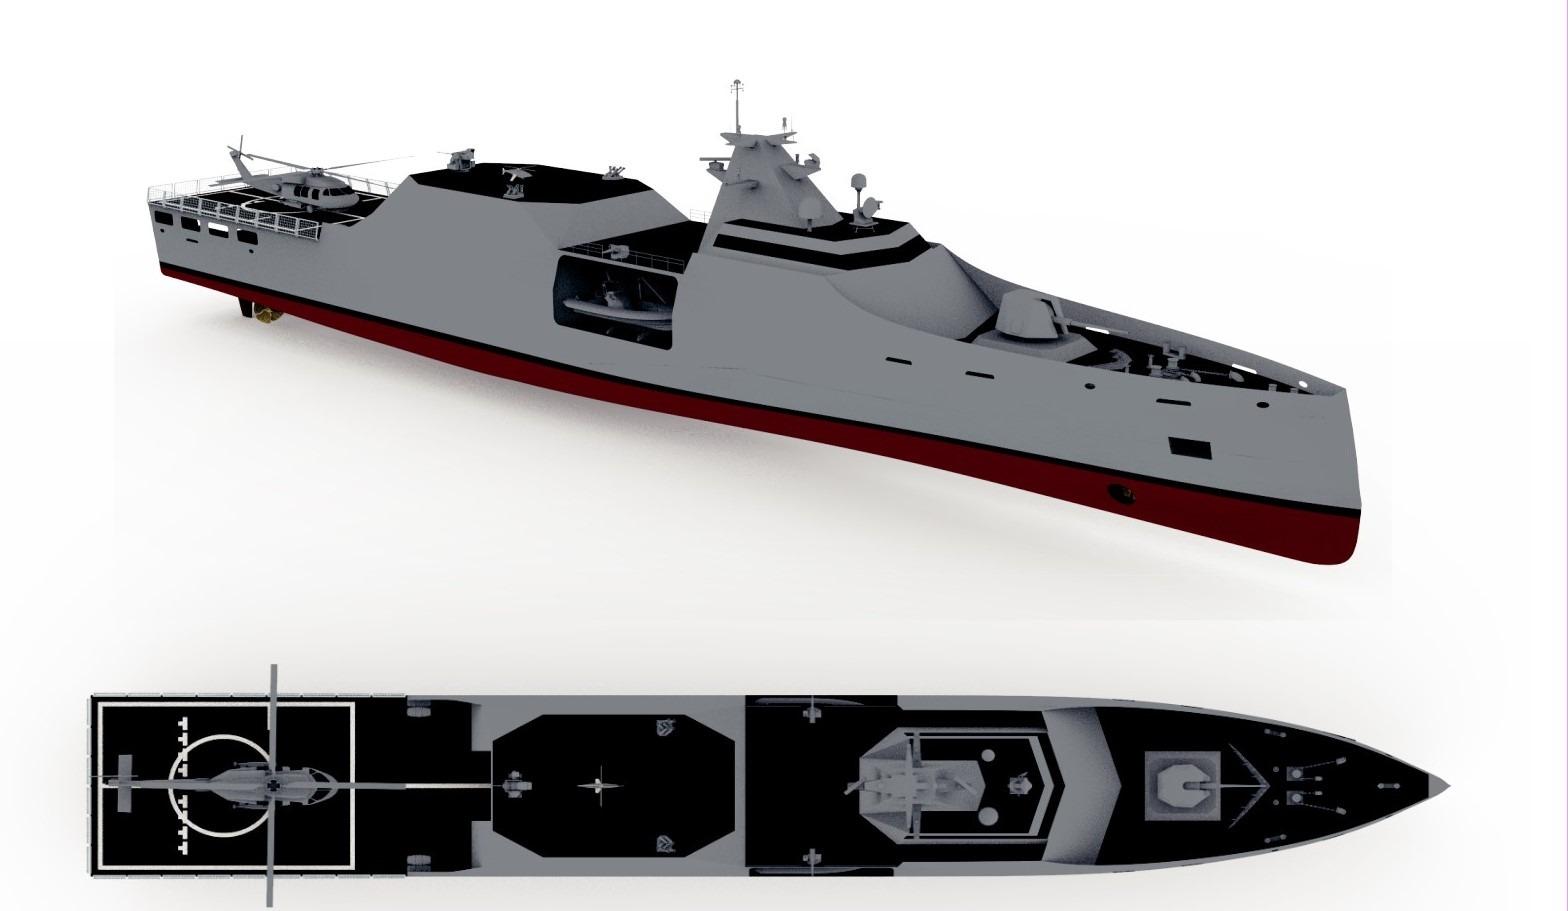 STM Açık Deniz Karakol Gemisi: OPV-1900